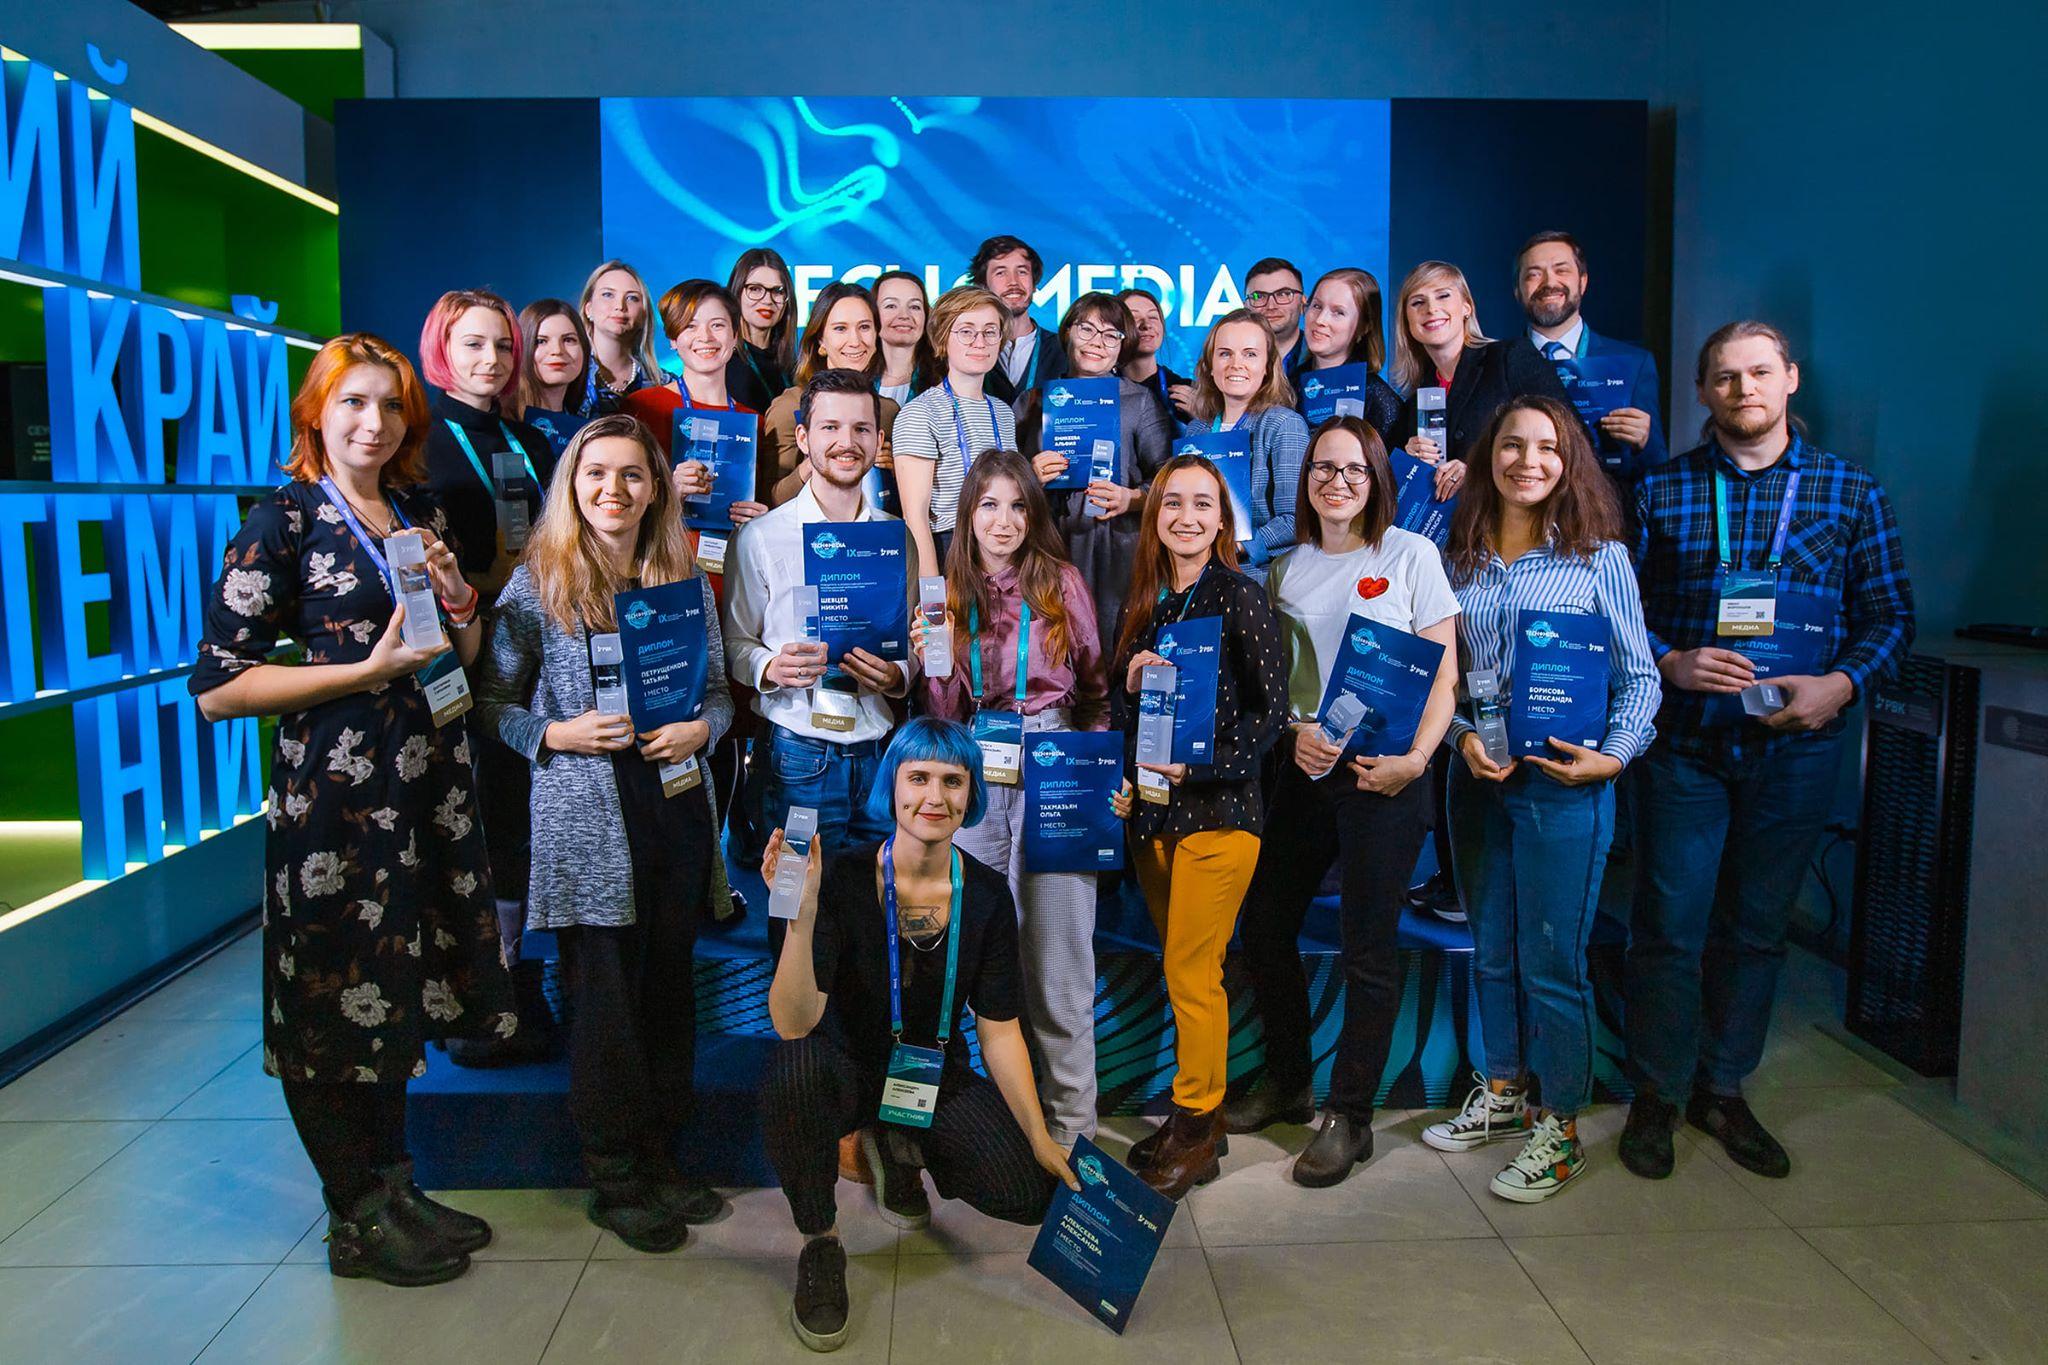 Призёры конкурса Tech in Media